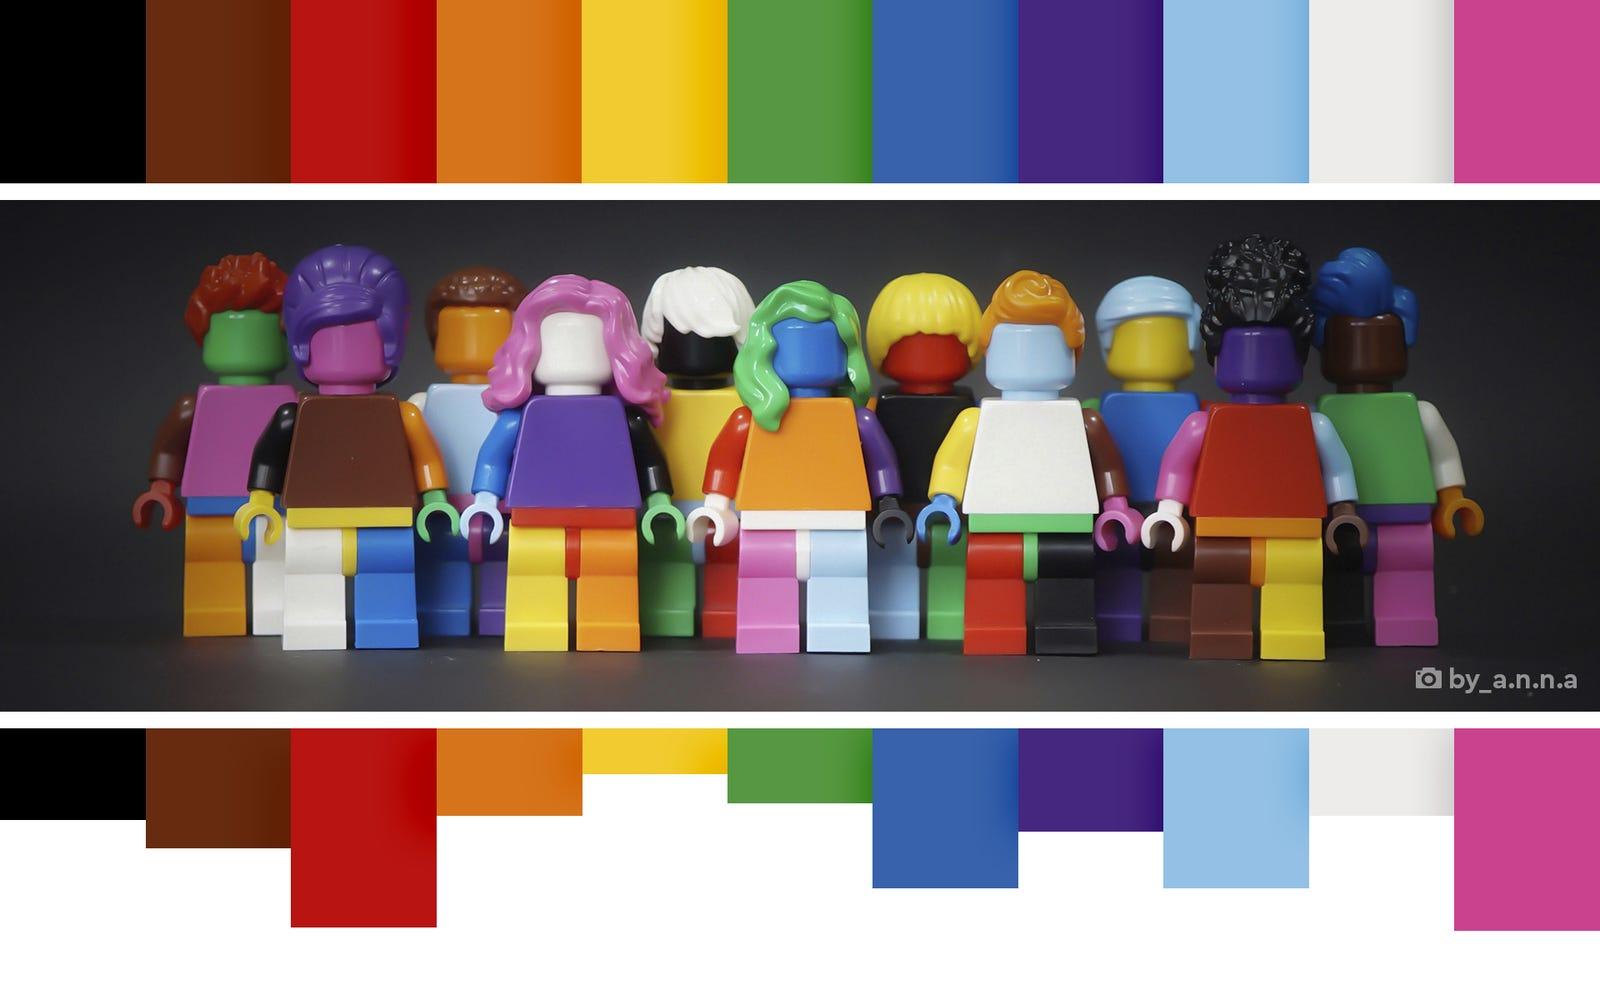 LEGO lanza su primera colección LGBTQ+ para celebrar el Mes del Orgullo <3